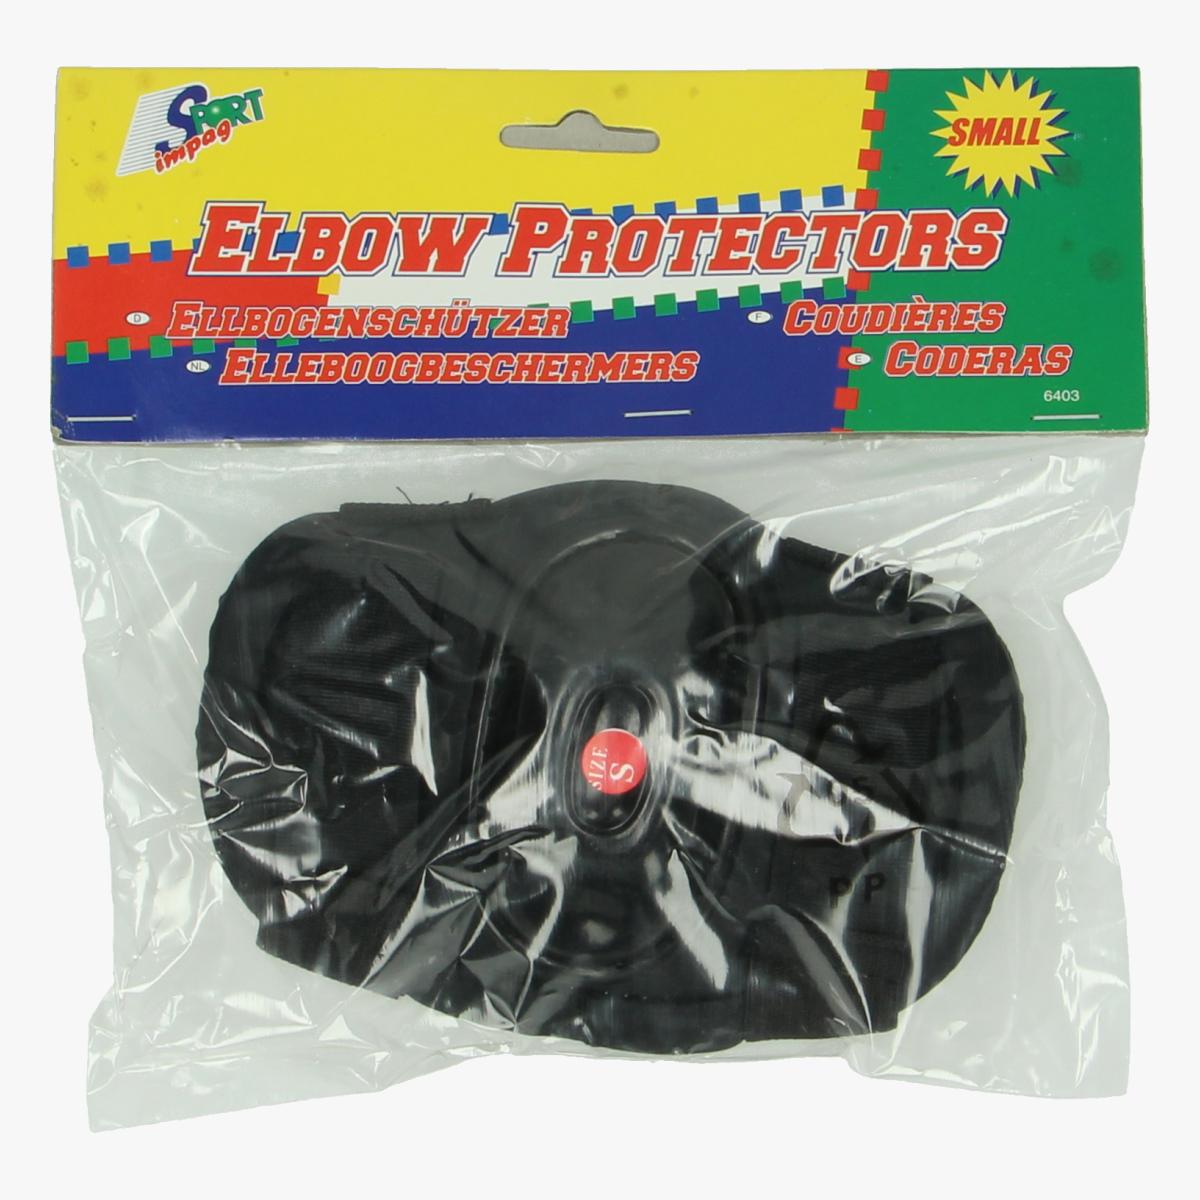 Afbeeldingen van elbow protectors